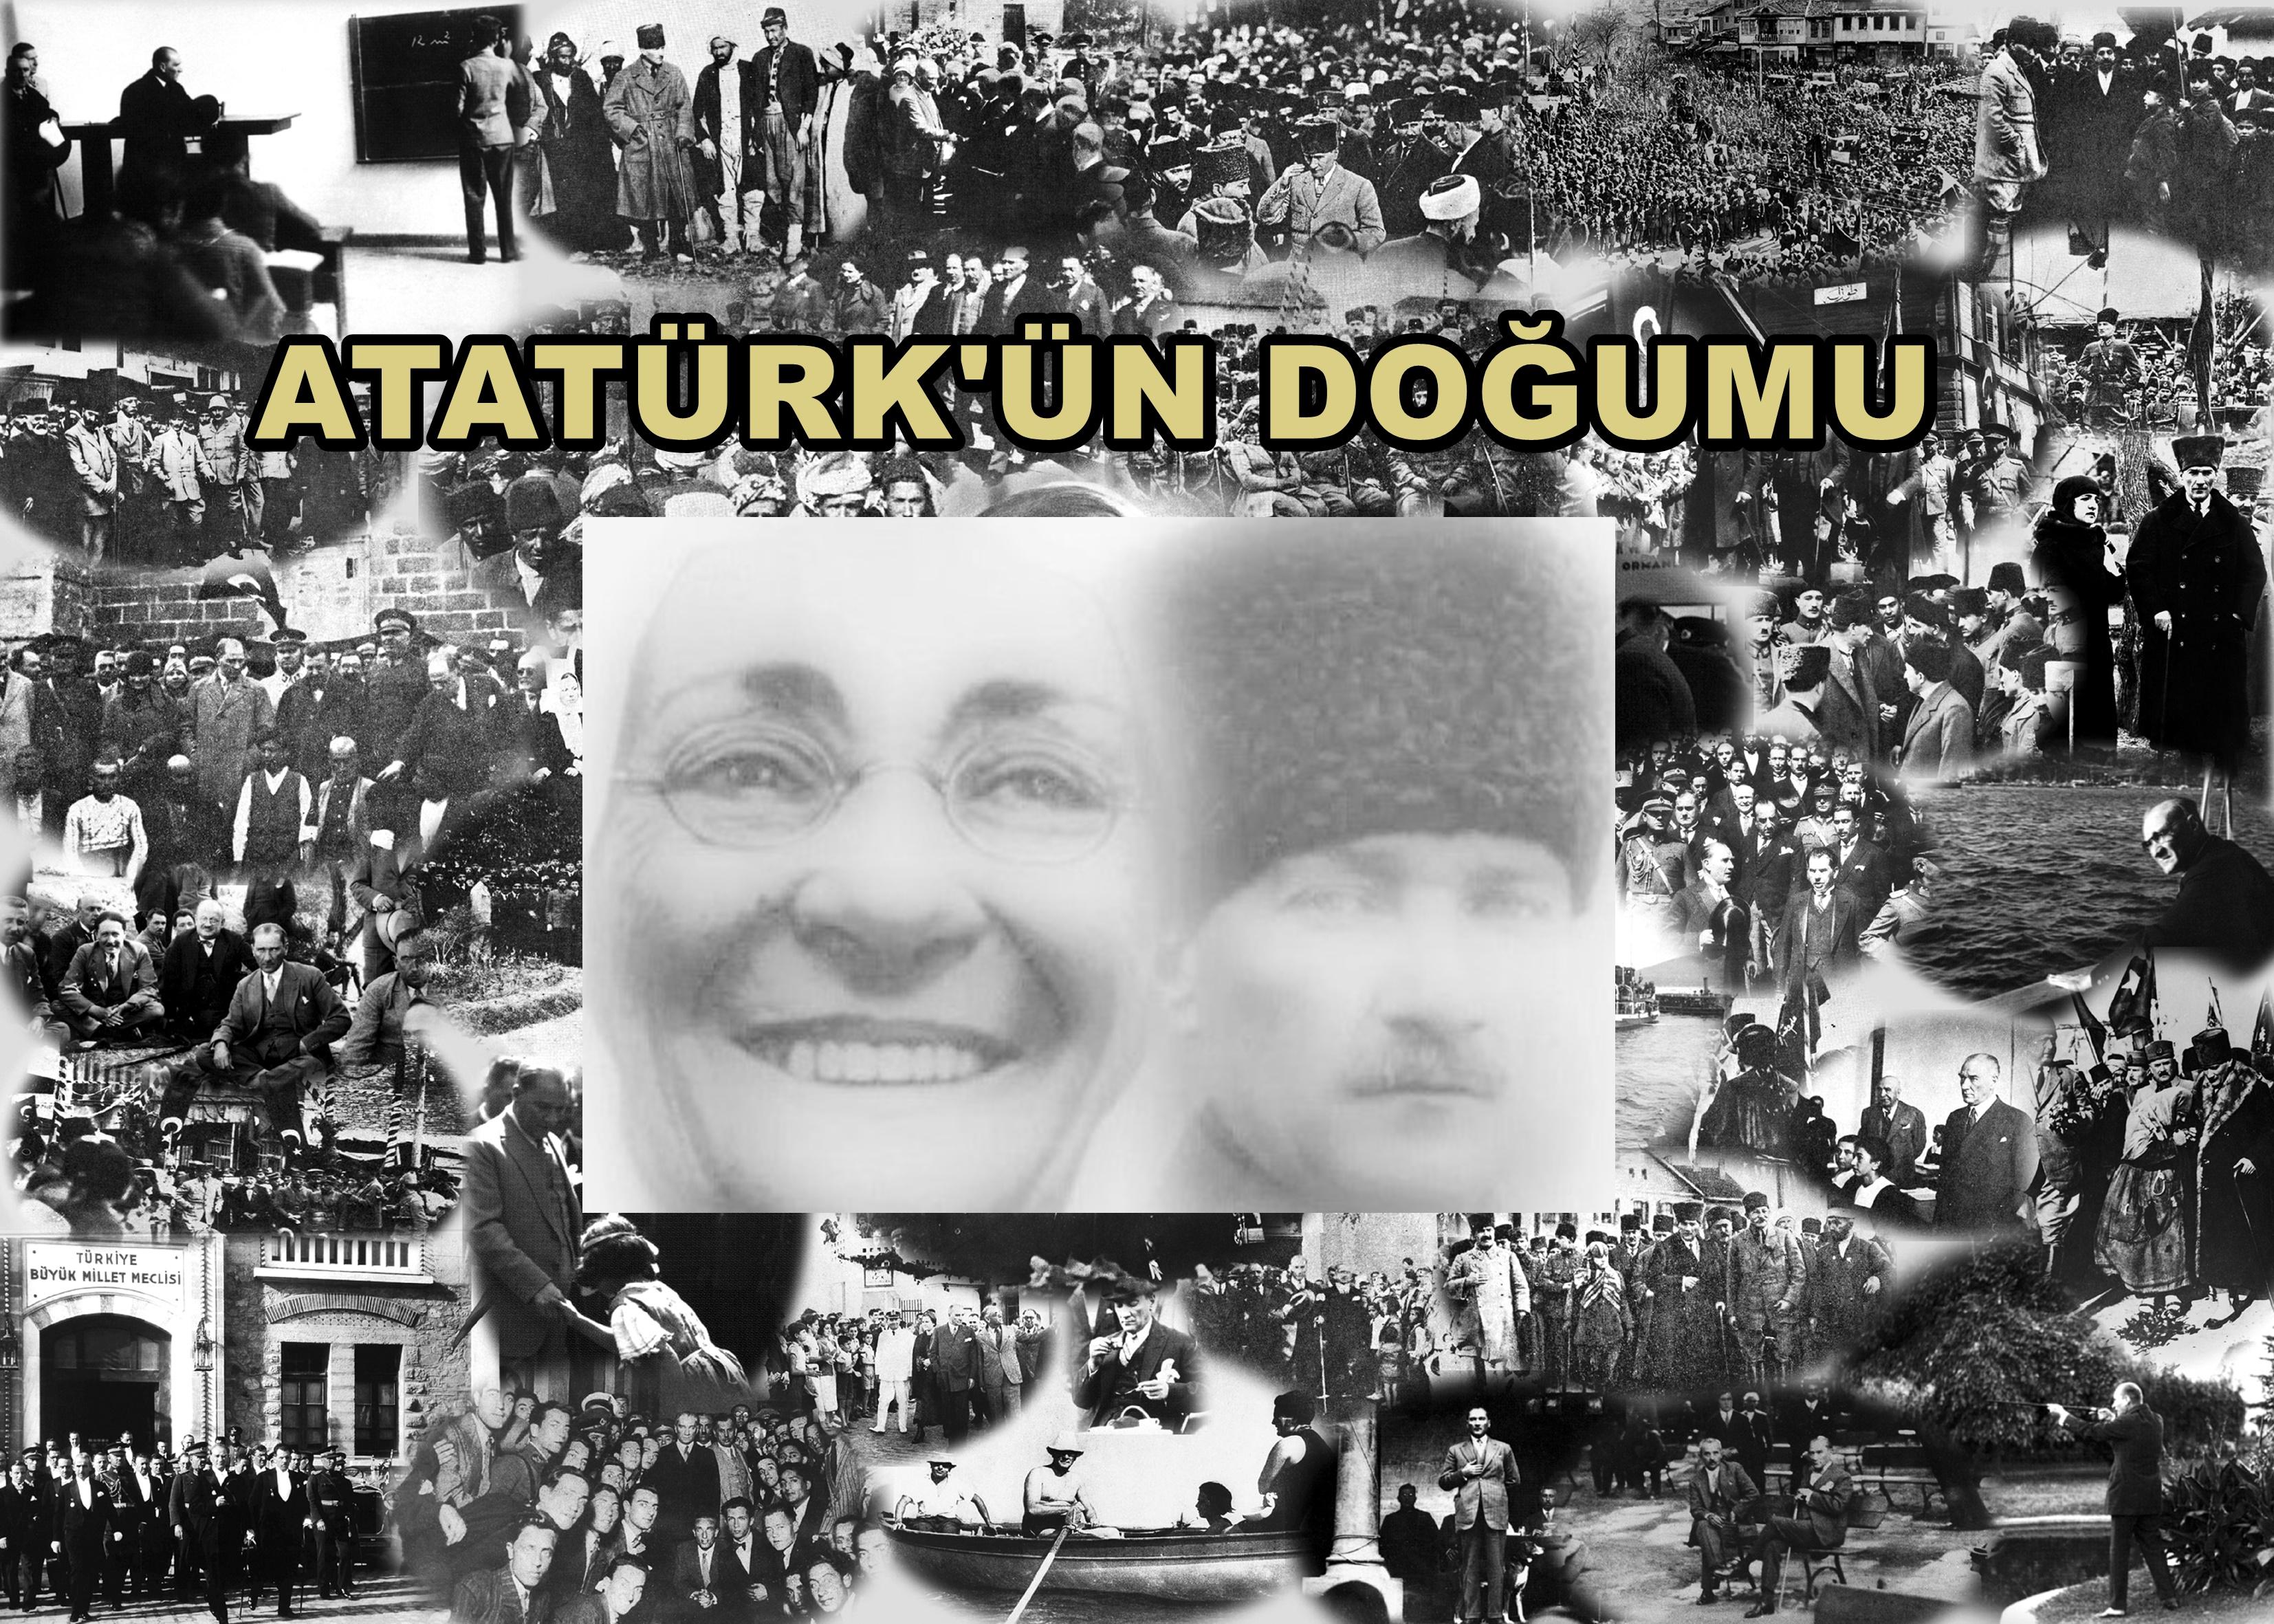 Atatürk'ün Doğumu, 1881